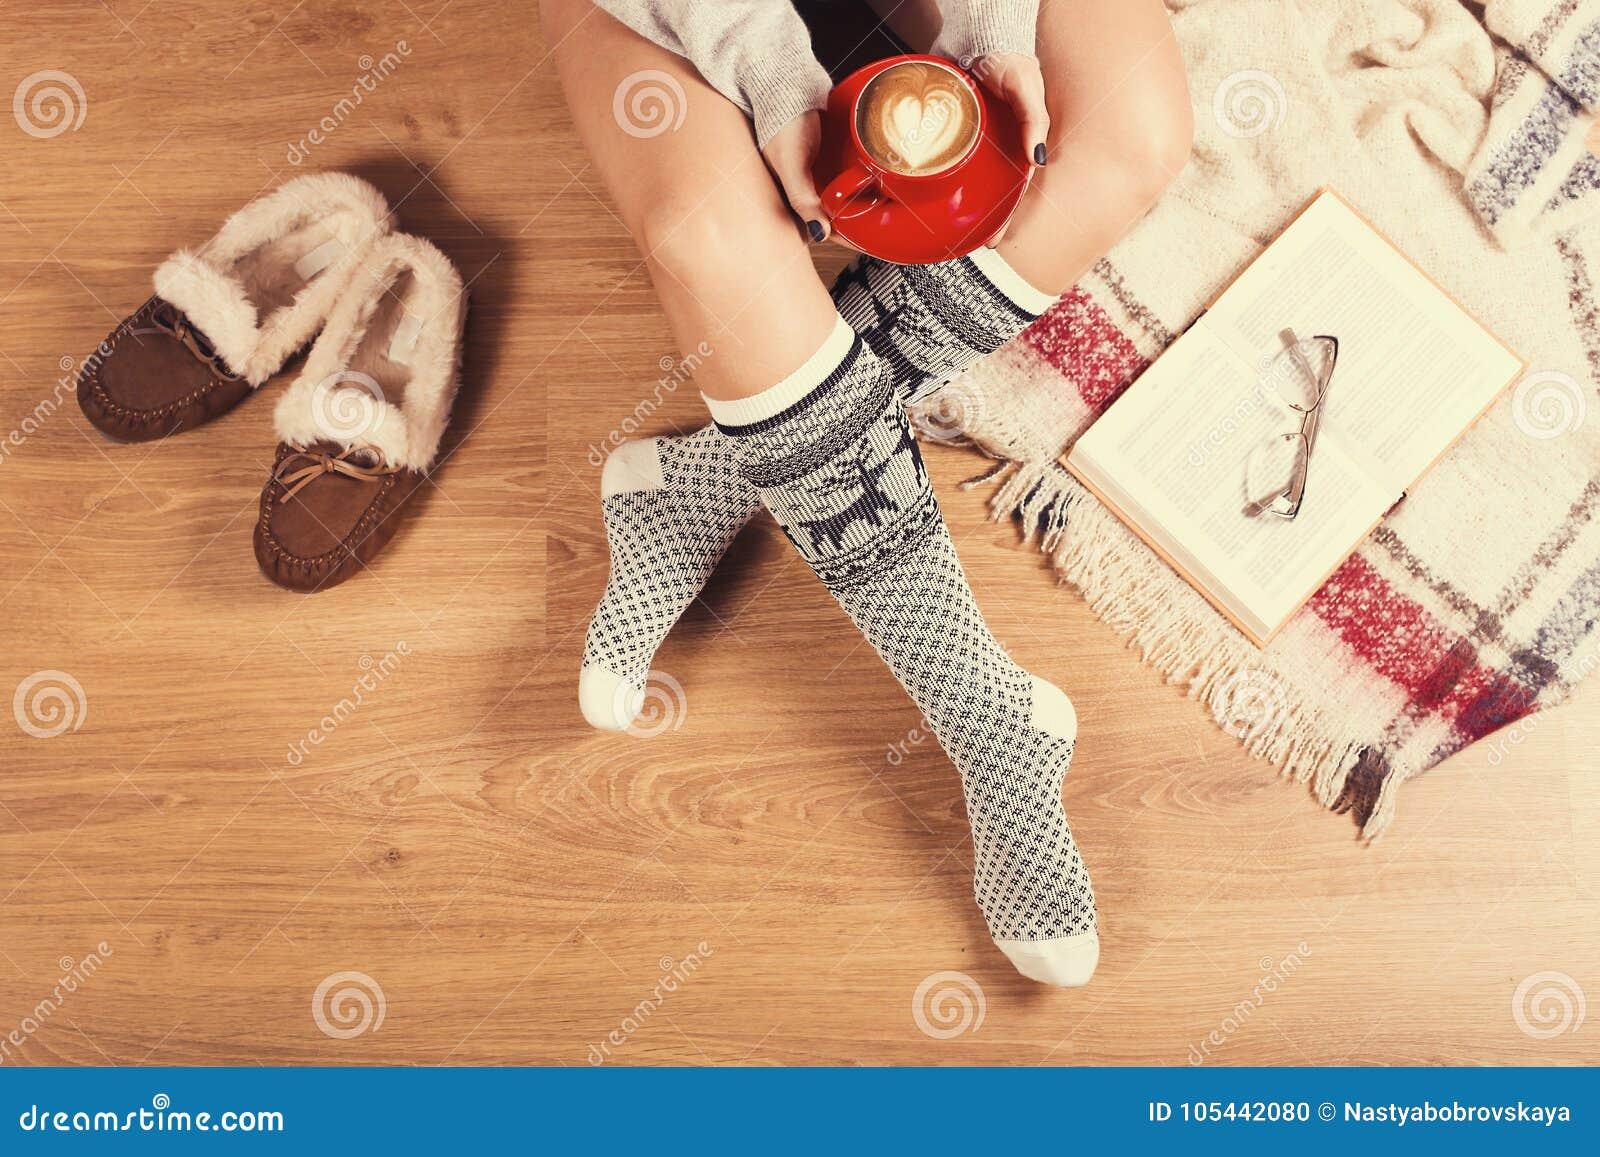 Jonge vrouwenzitting op de houten vloer met kop van koffie, plaid, koekje en boek Close-up van vrouwelijke benen in warme sokken